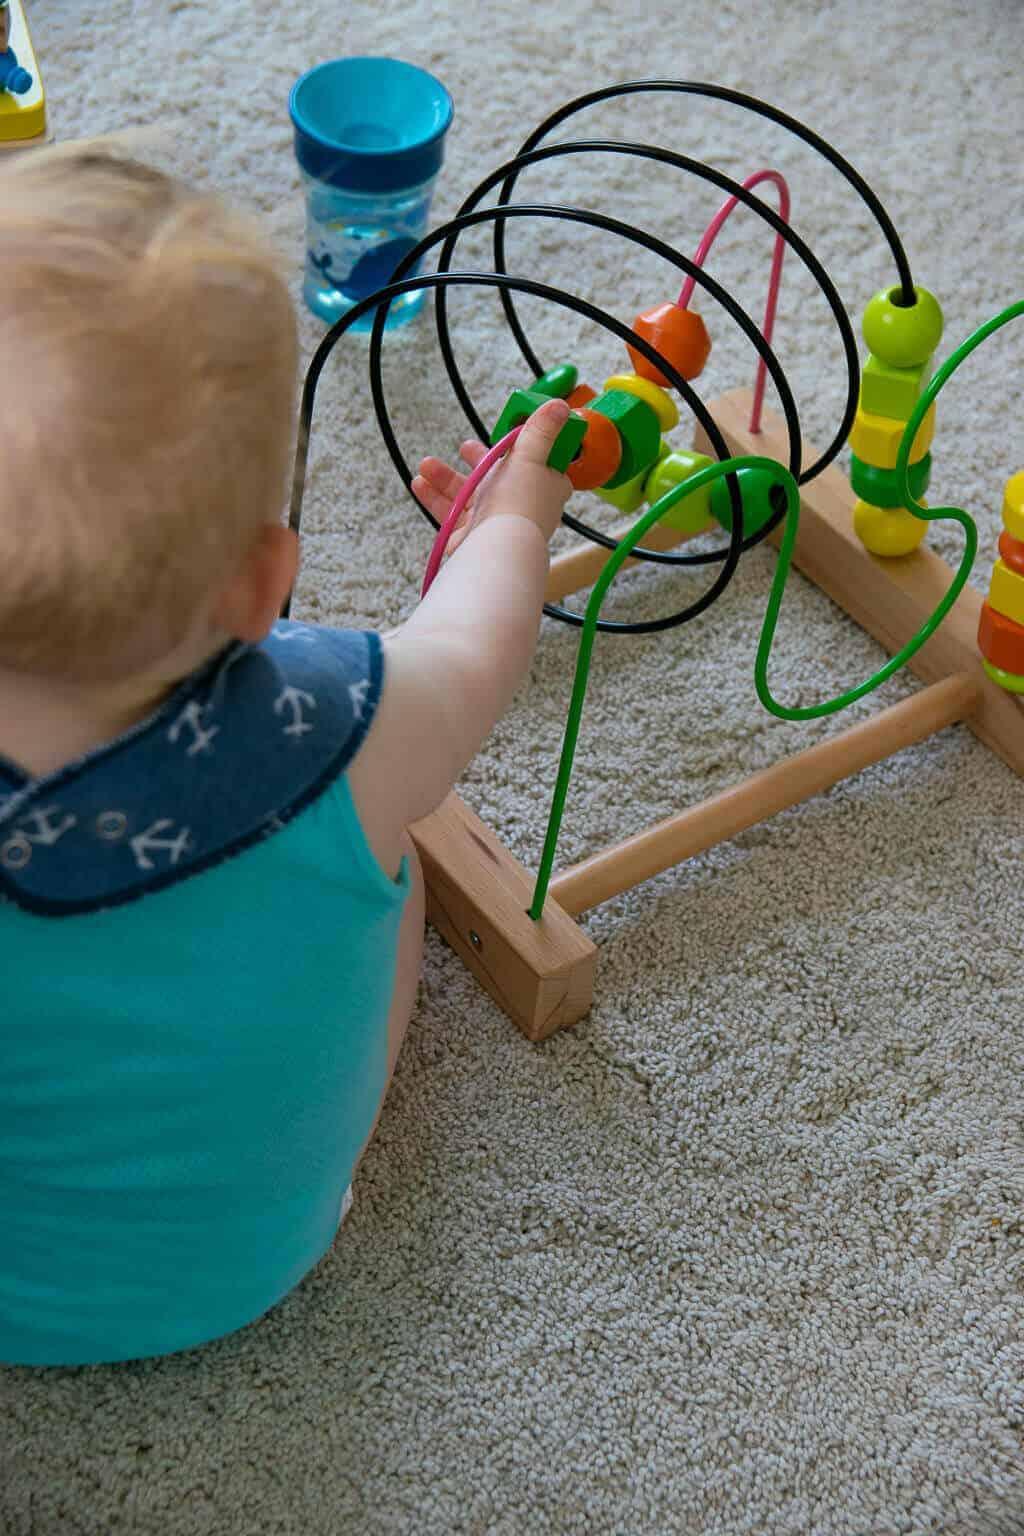 Mit der Motorikschleife spielt unser Baby schon seit ein paar Monaten, die Art des Spielens verändert sich dabei laufend